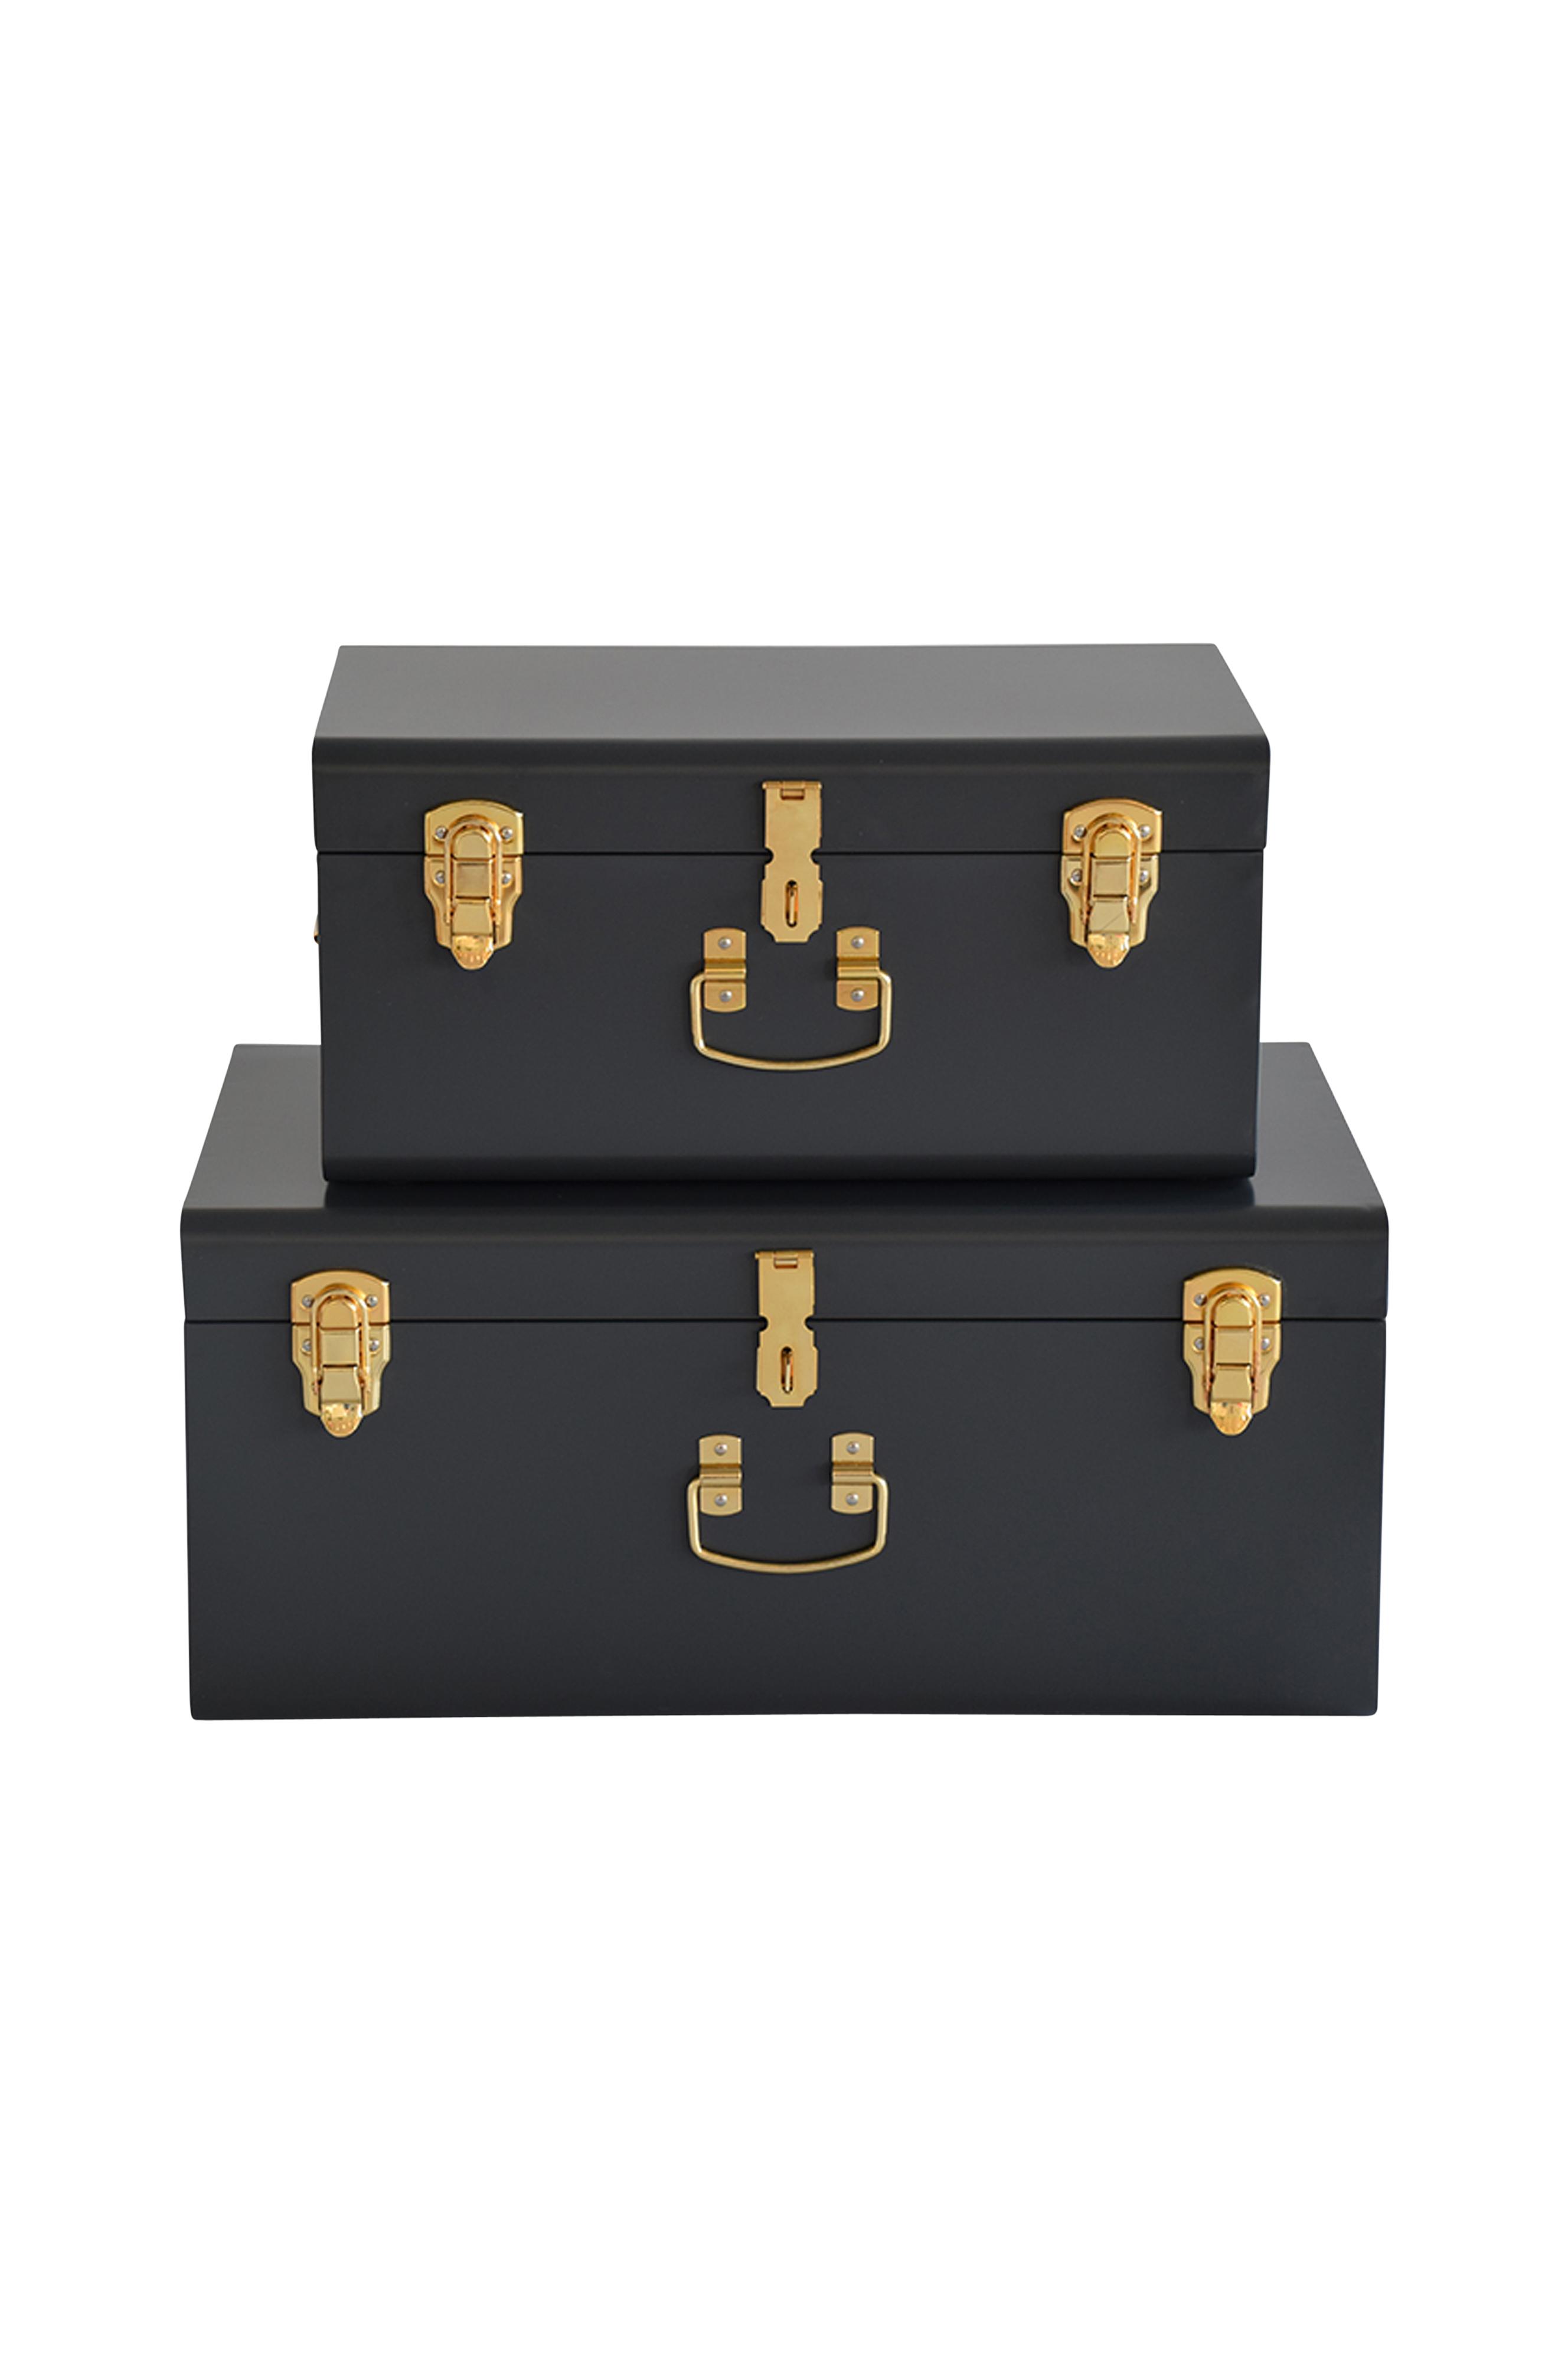 Modern inredningsförvaring om 2 koffertar i lackad metall. Mått 56x35x25  och 44x27x21 cm. 0a0f1f71148a6